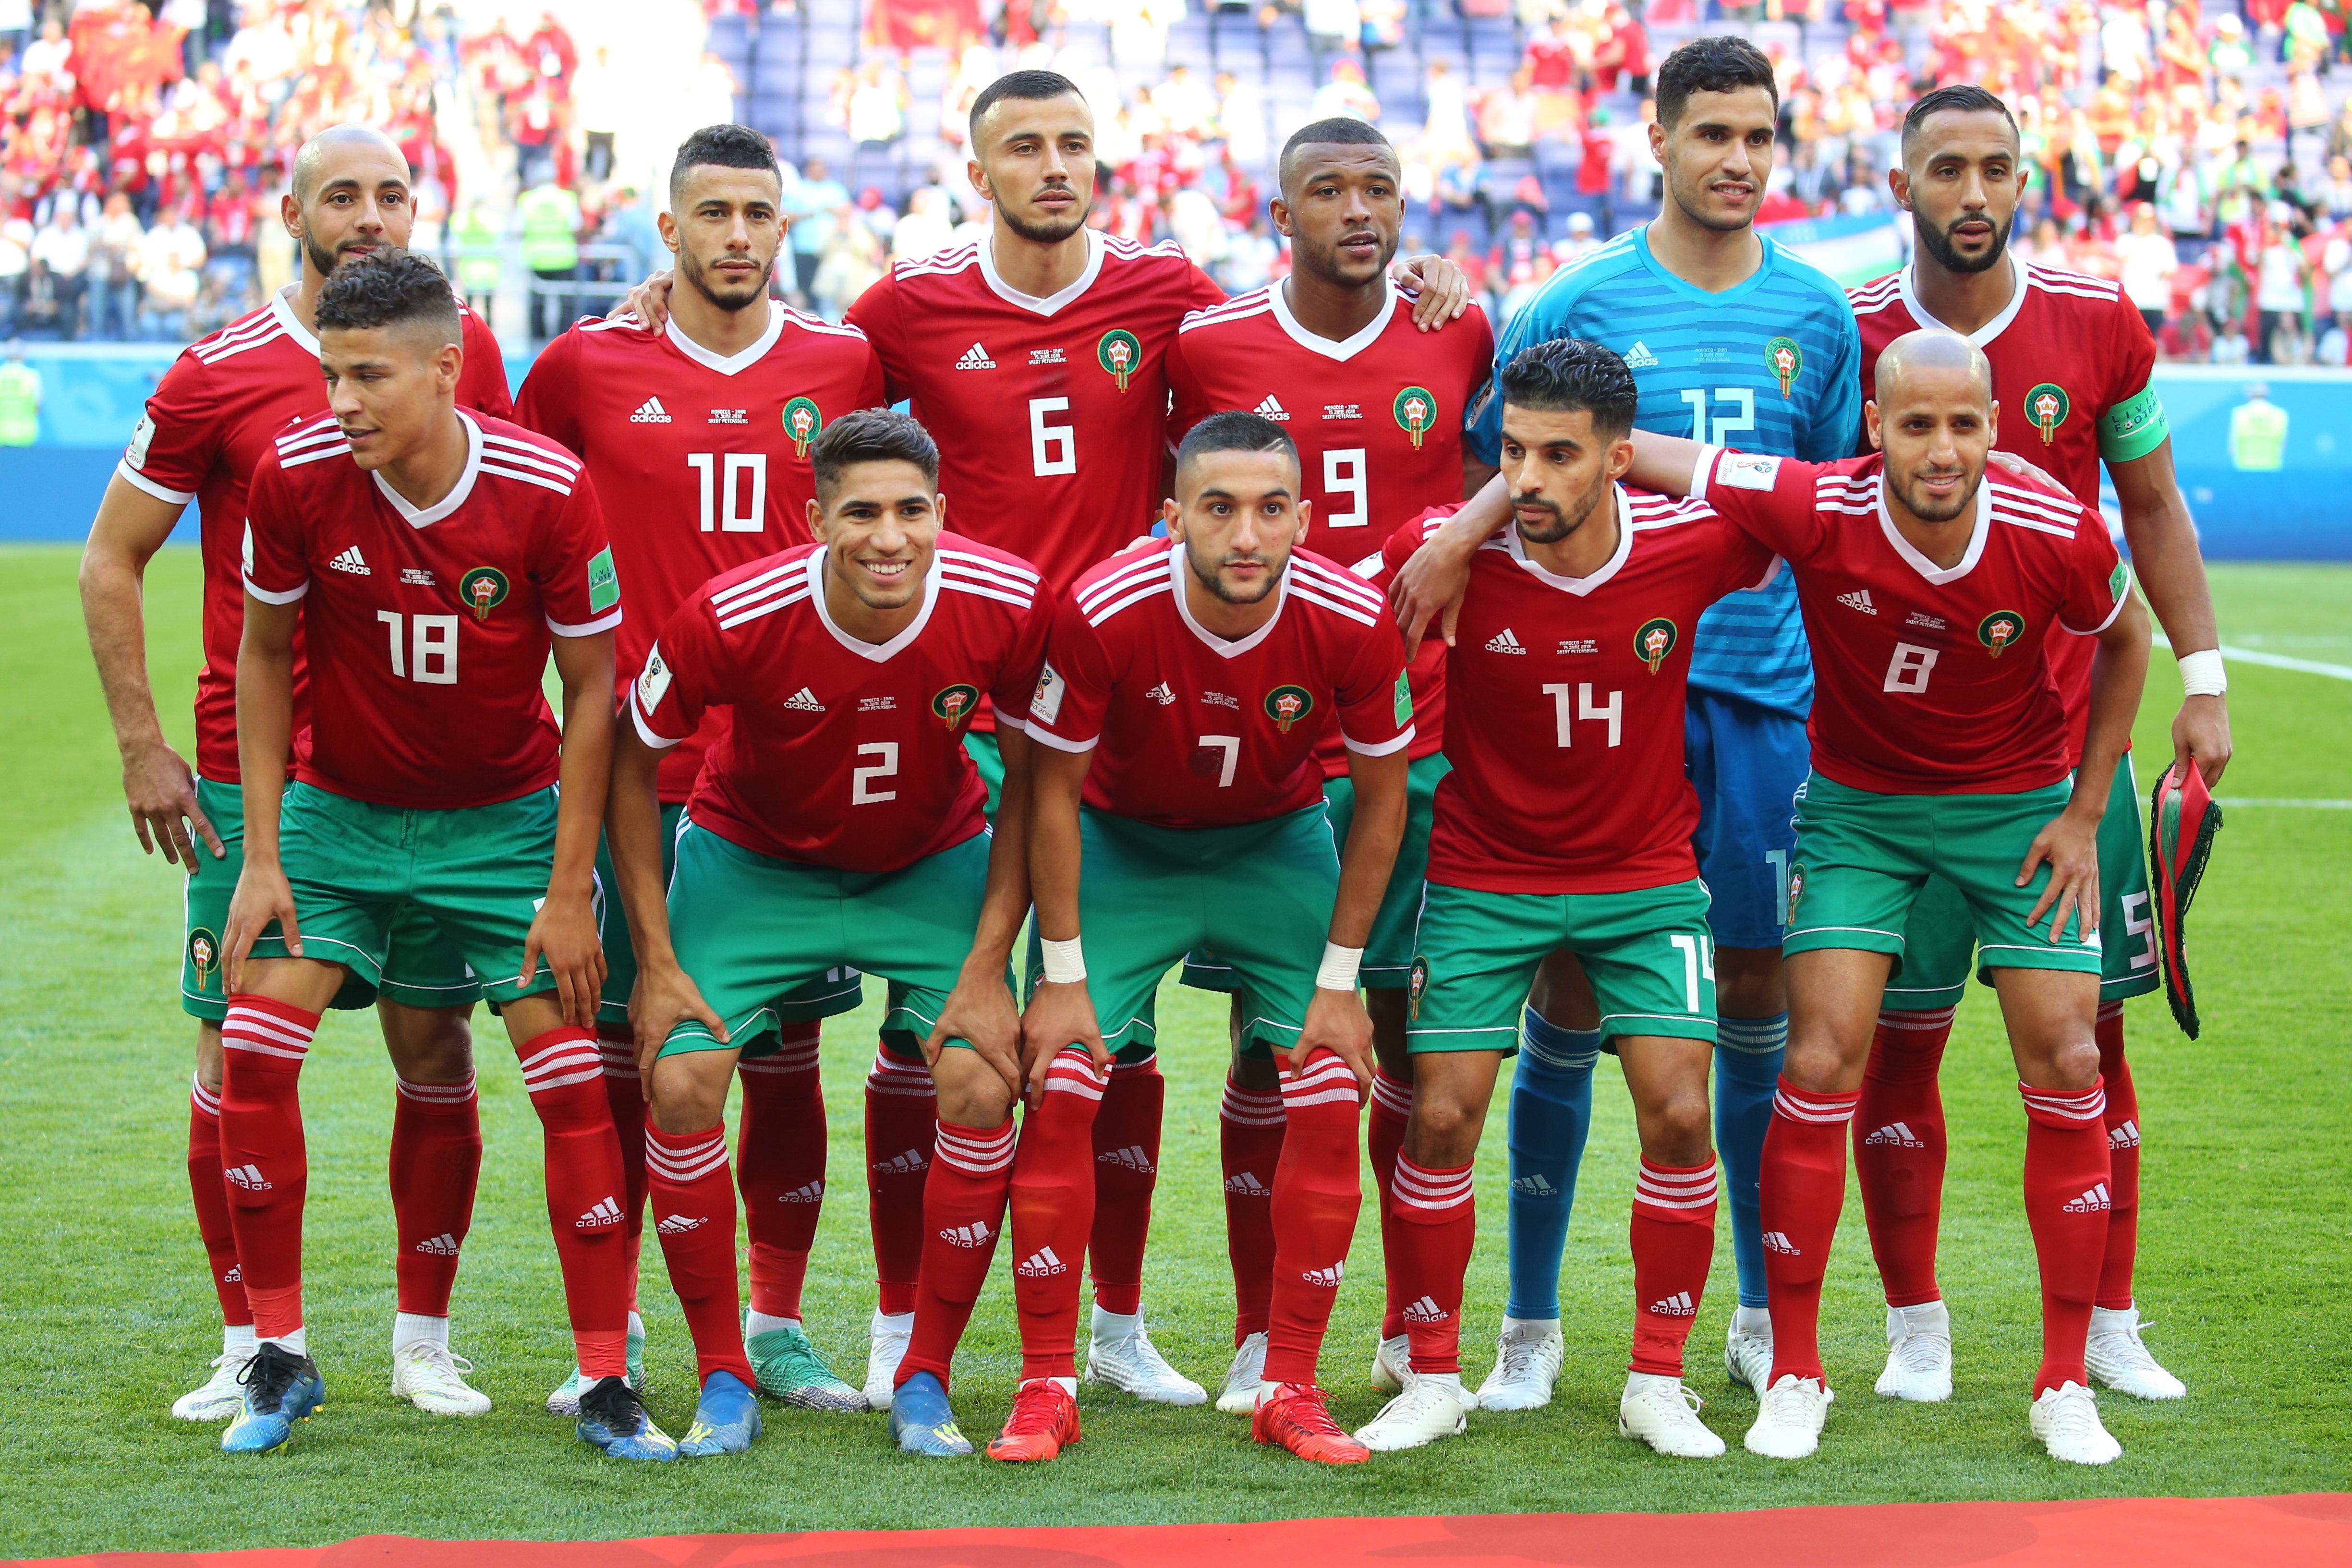 Ziyech et Belhanda absents pour le match face à la Tunisie